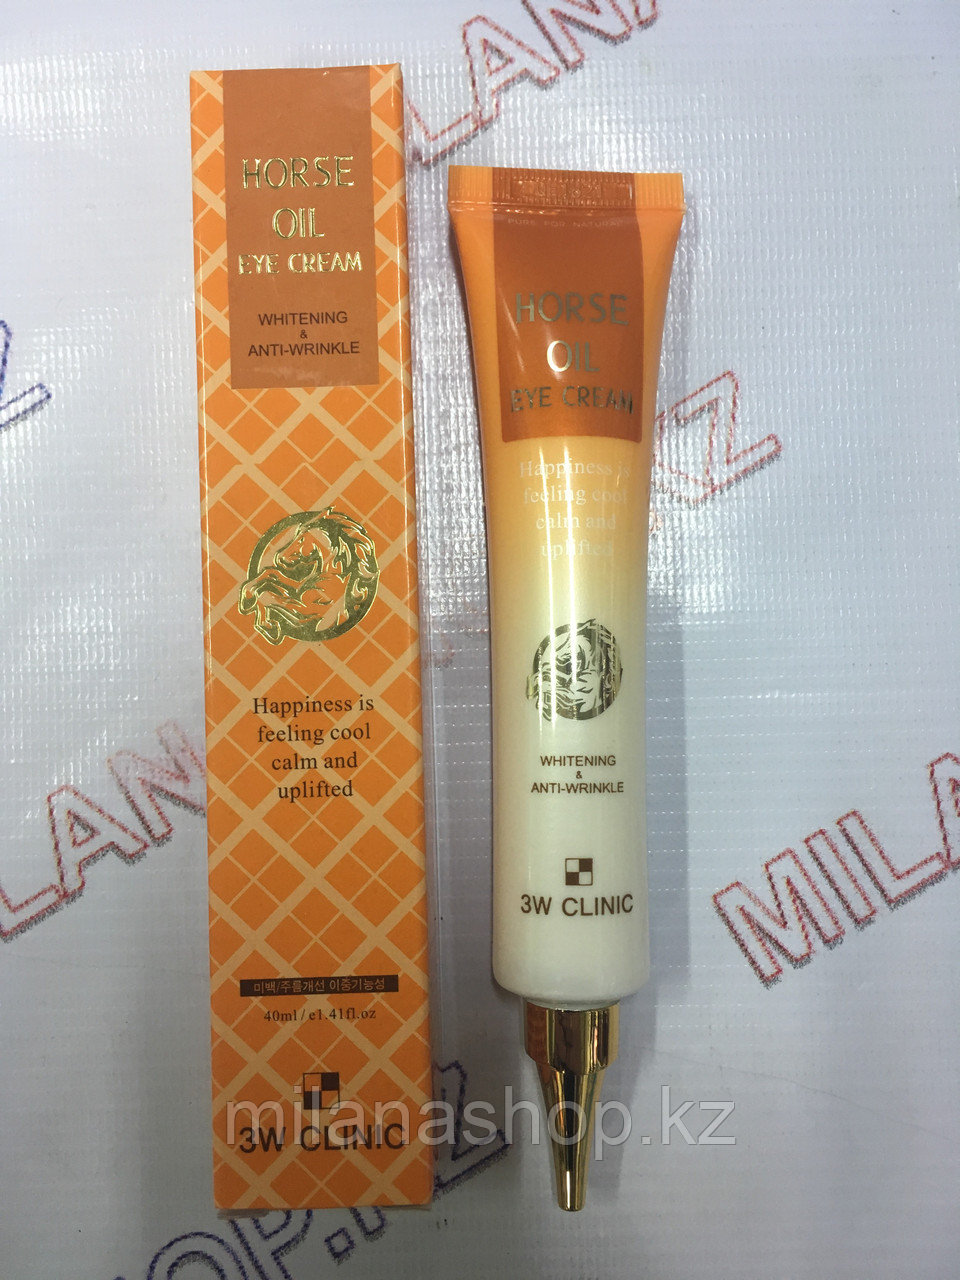 3W Clinic  Horse Oil Eye Cream - Крем для кожи вокруг глаз антивозрастной осветляющий с лошадиным маслом